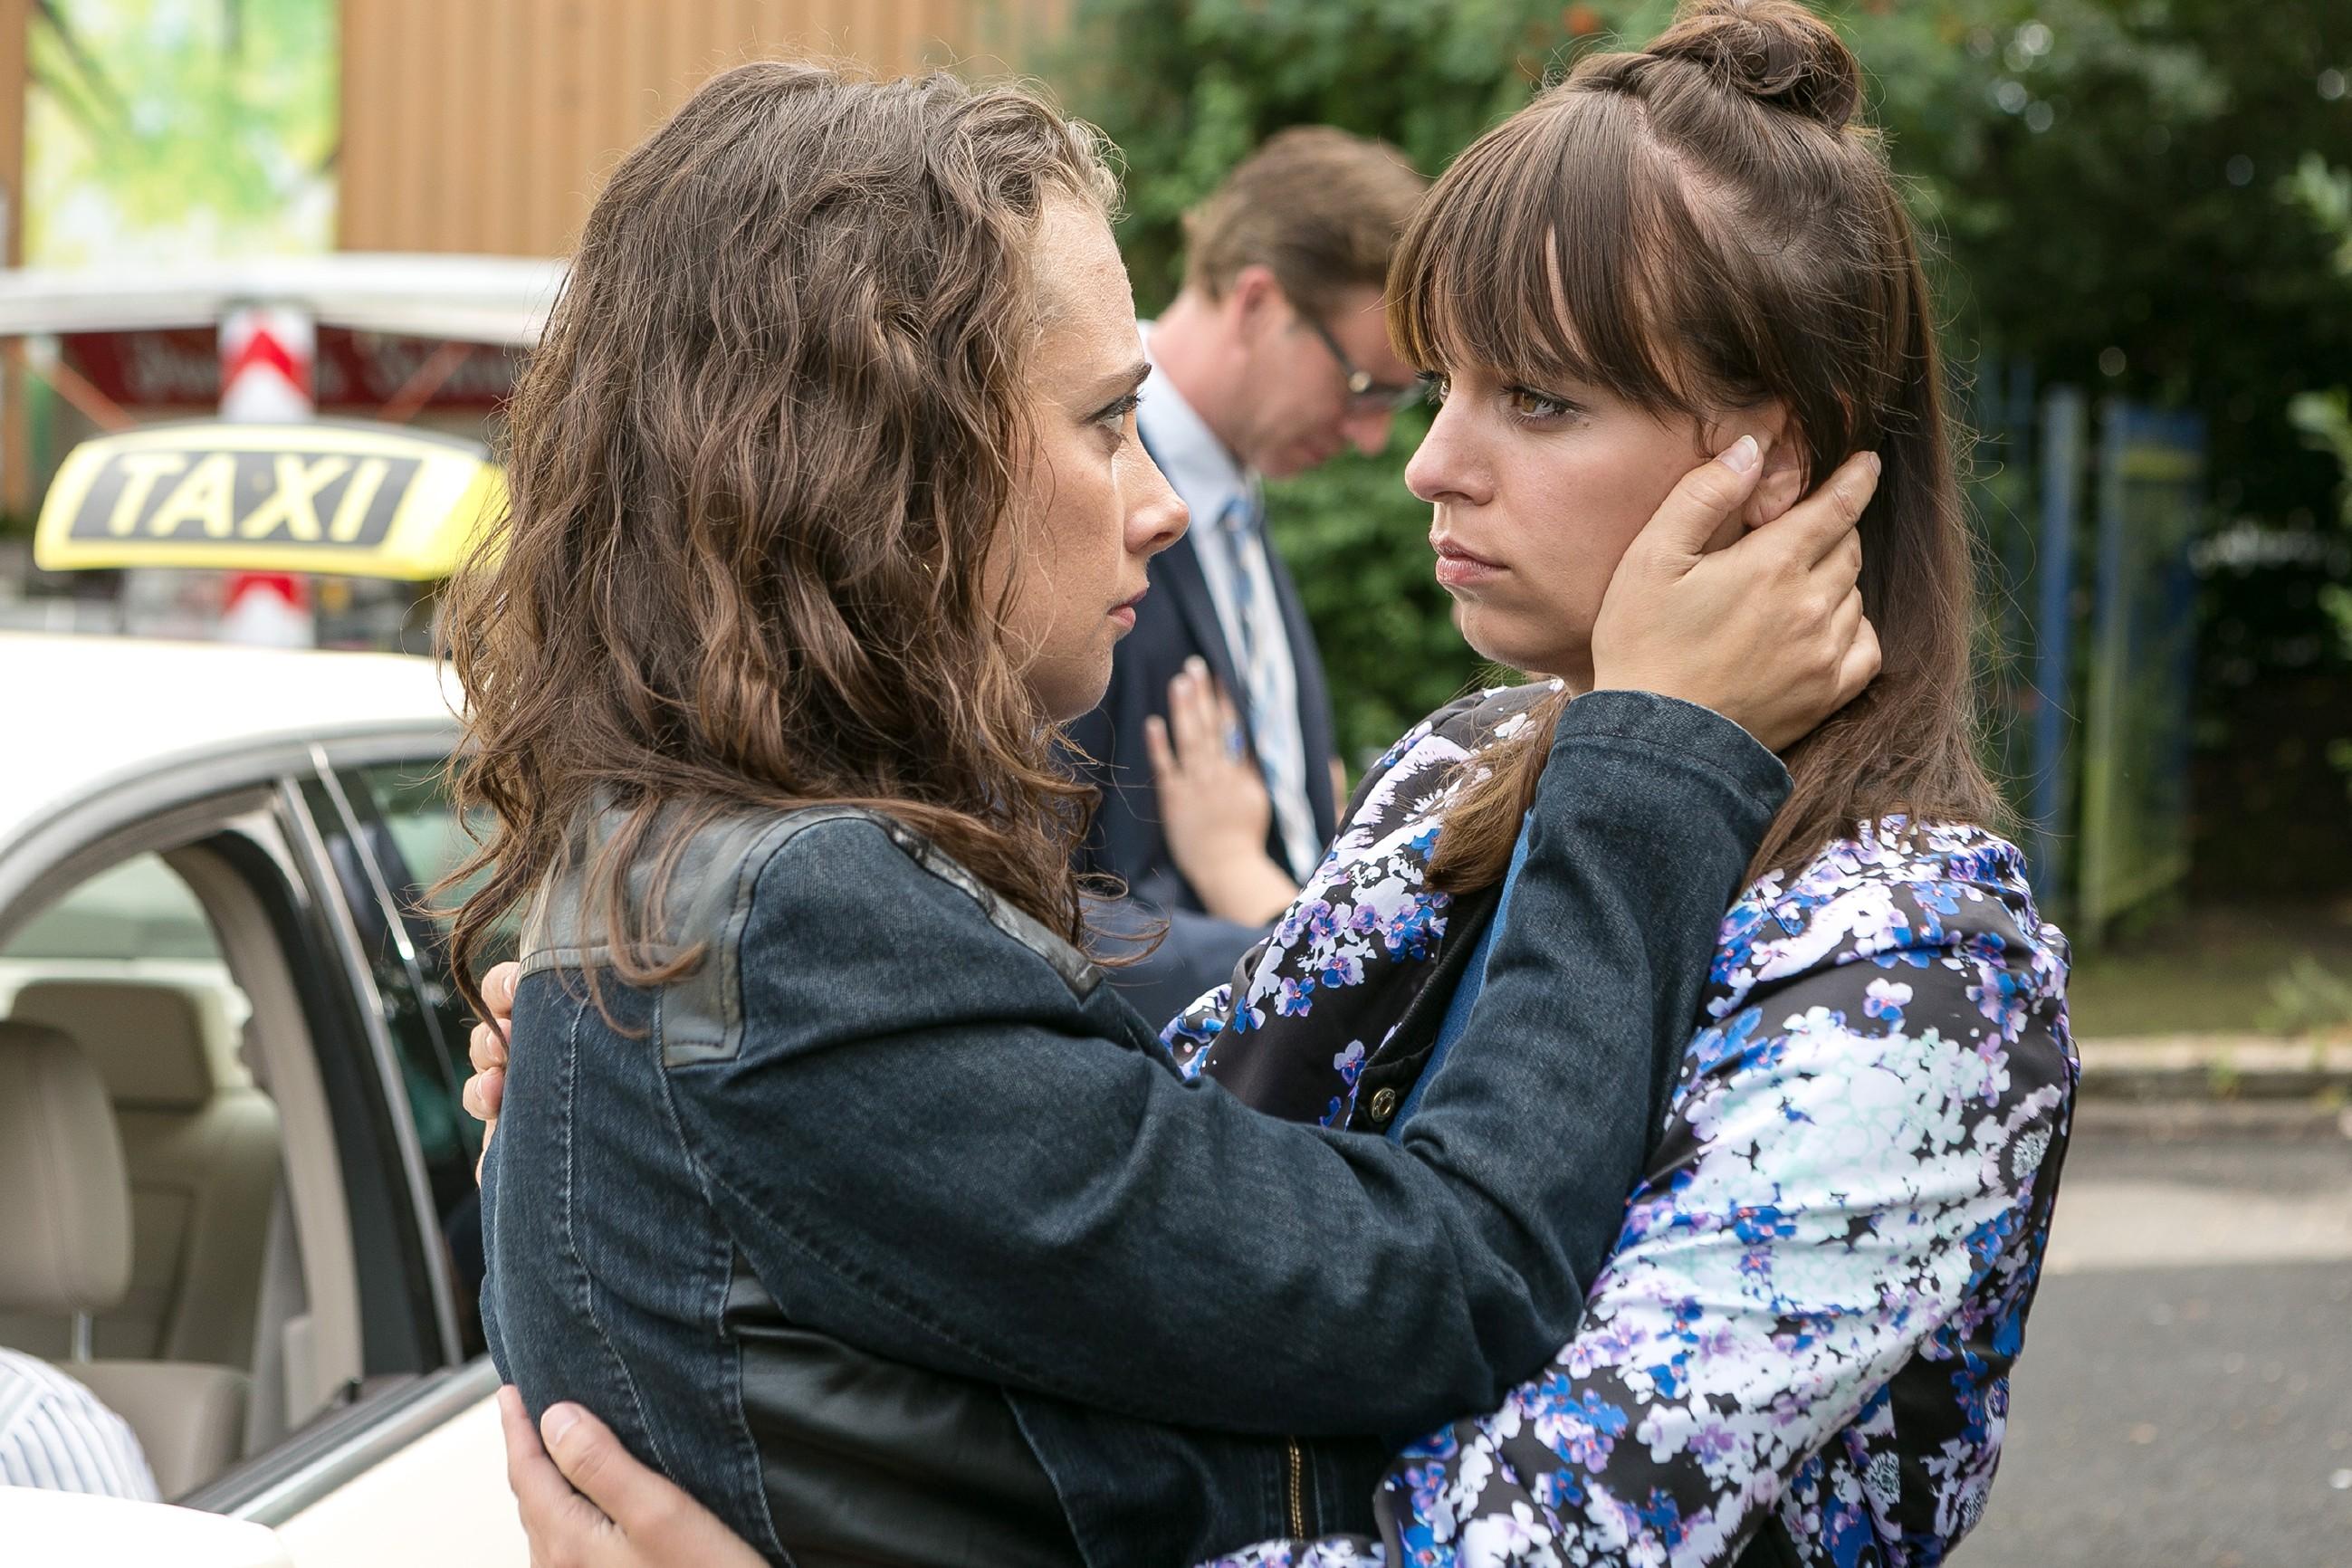 Michelle (Franziska Benz, r.) verabschiedet sich besorgt von Carmen (Heike Warmuth), die sich entschlossen hat, Christoph nach Russland zu begleiten. (Quelle: RTL / Kai Schulz)